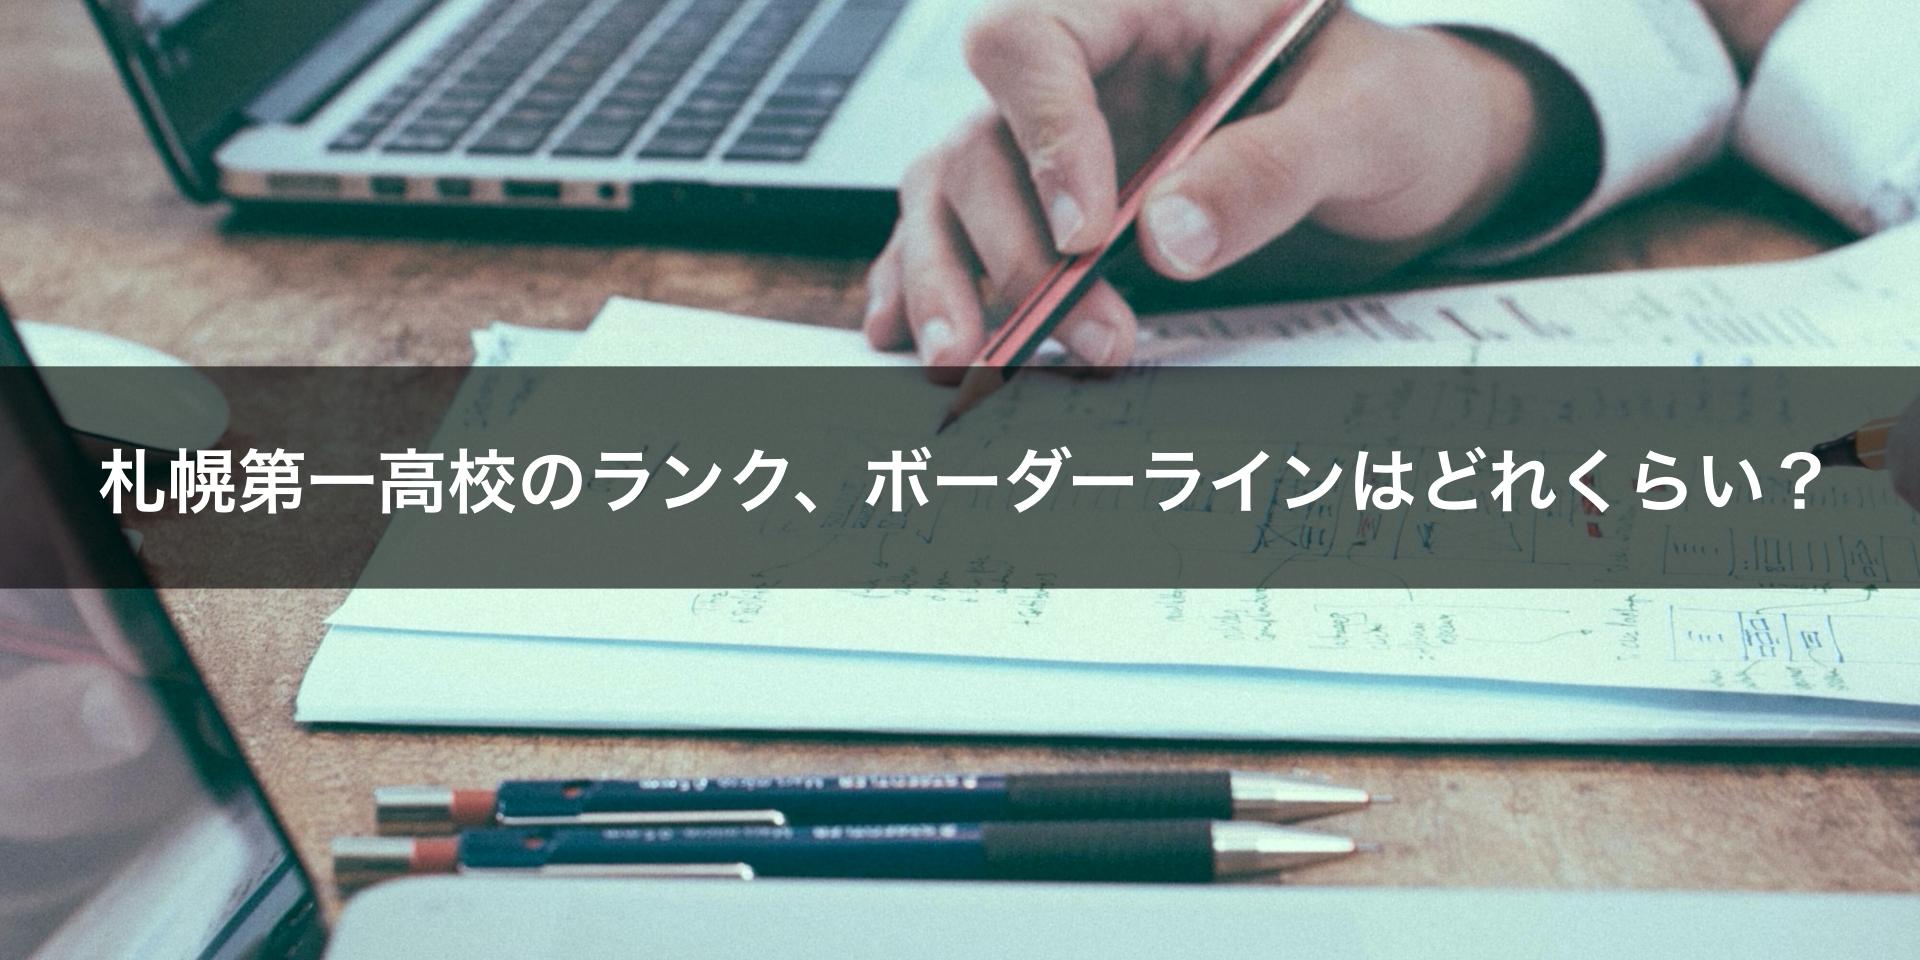 札幌第一高校のランク、ボーダーラインはどれくらい?